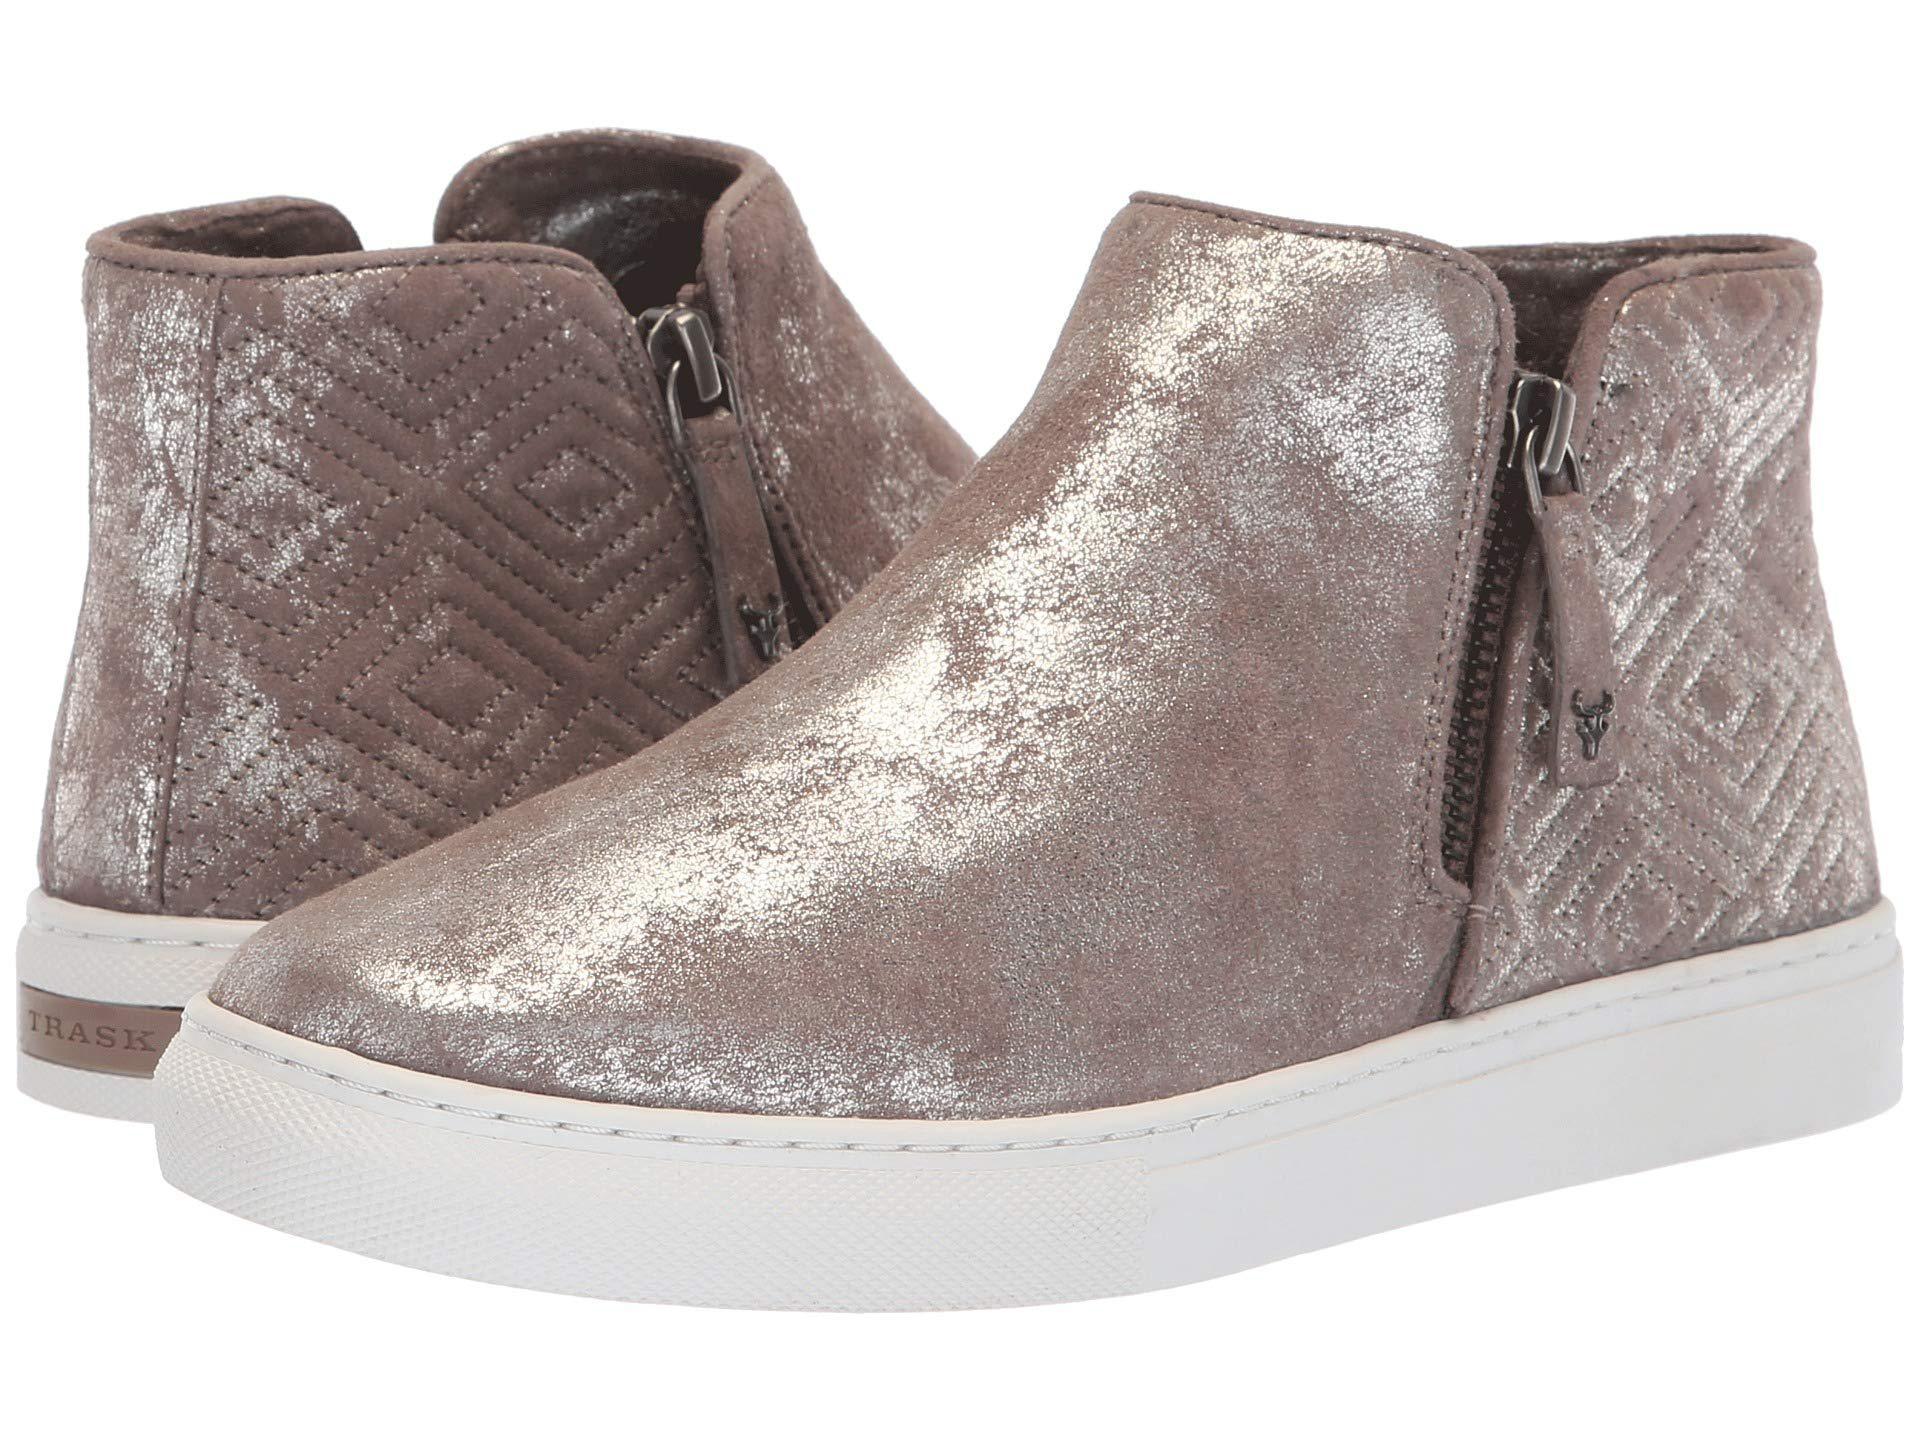 adaa175c8b9 Lyst - Trask Lana (pewter Metallic Italian Suede) Women s Shoes in ...